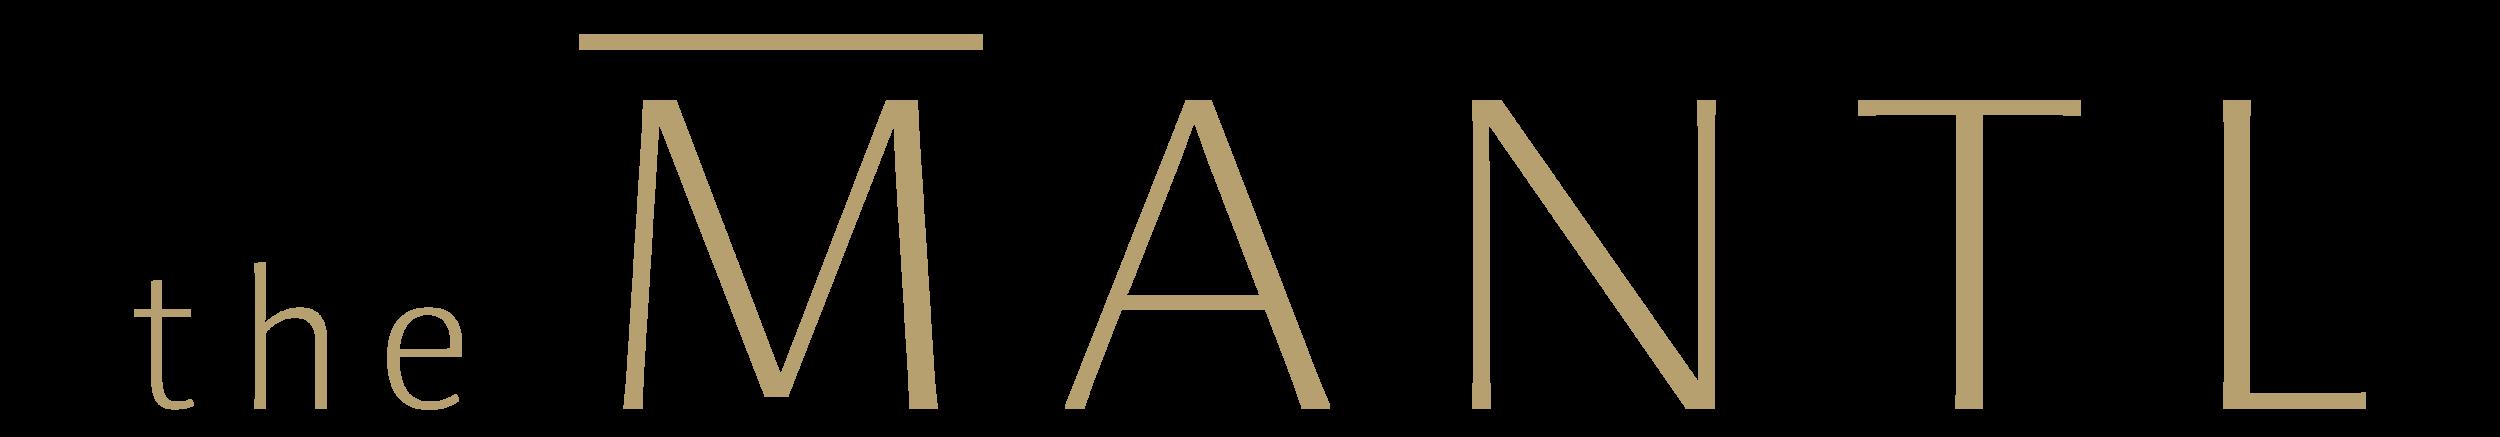 mantl web logo ver 2.png